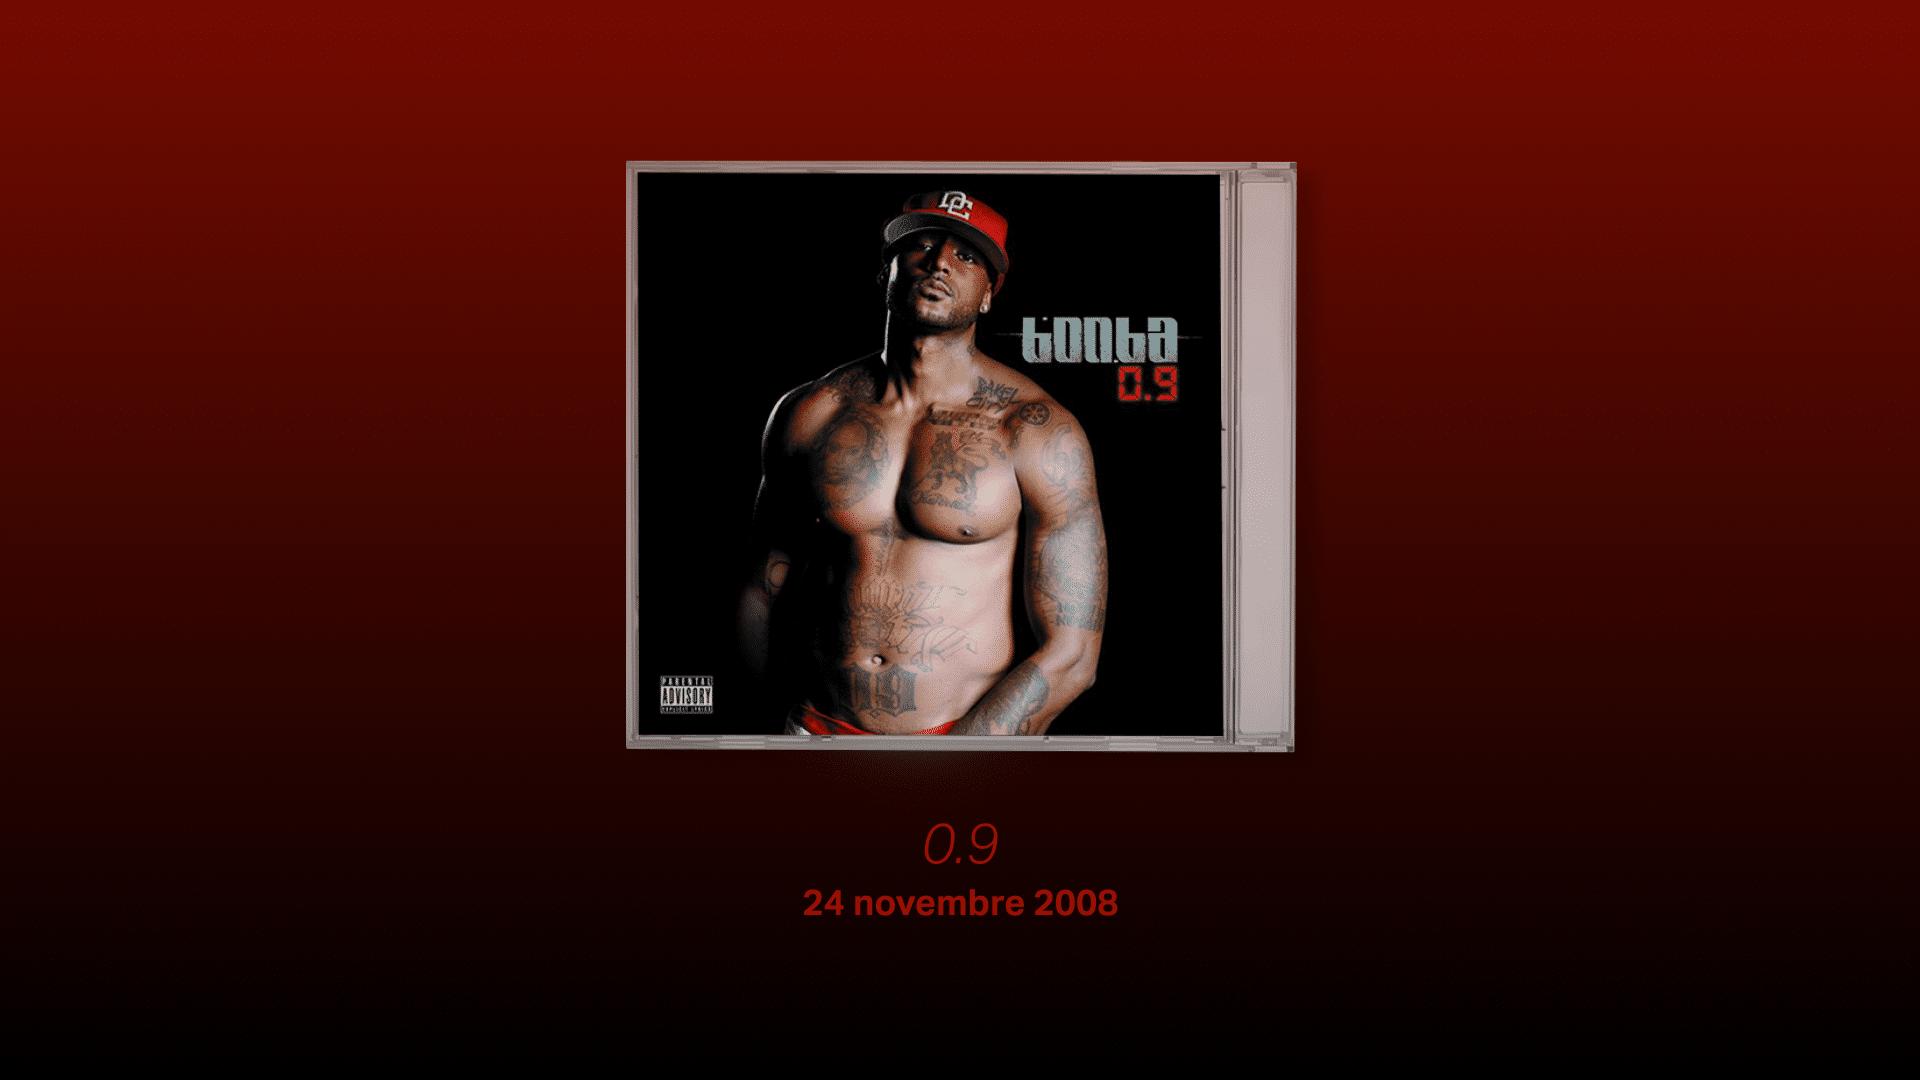 0.9, 8eme meilleur album de Booba